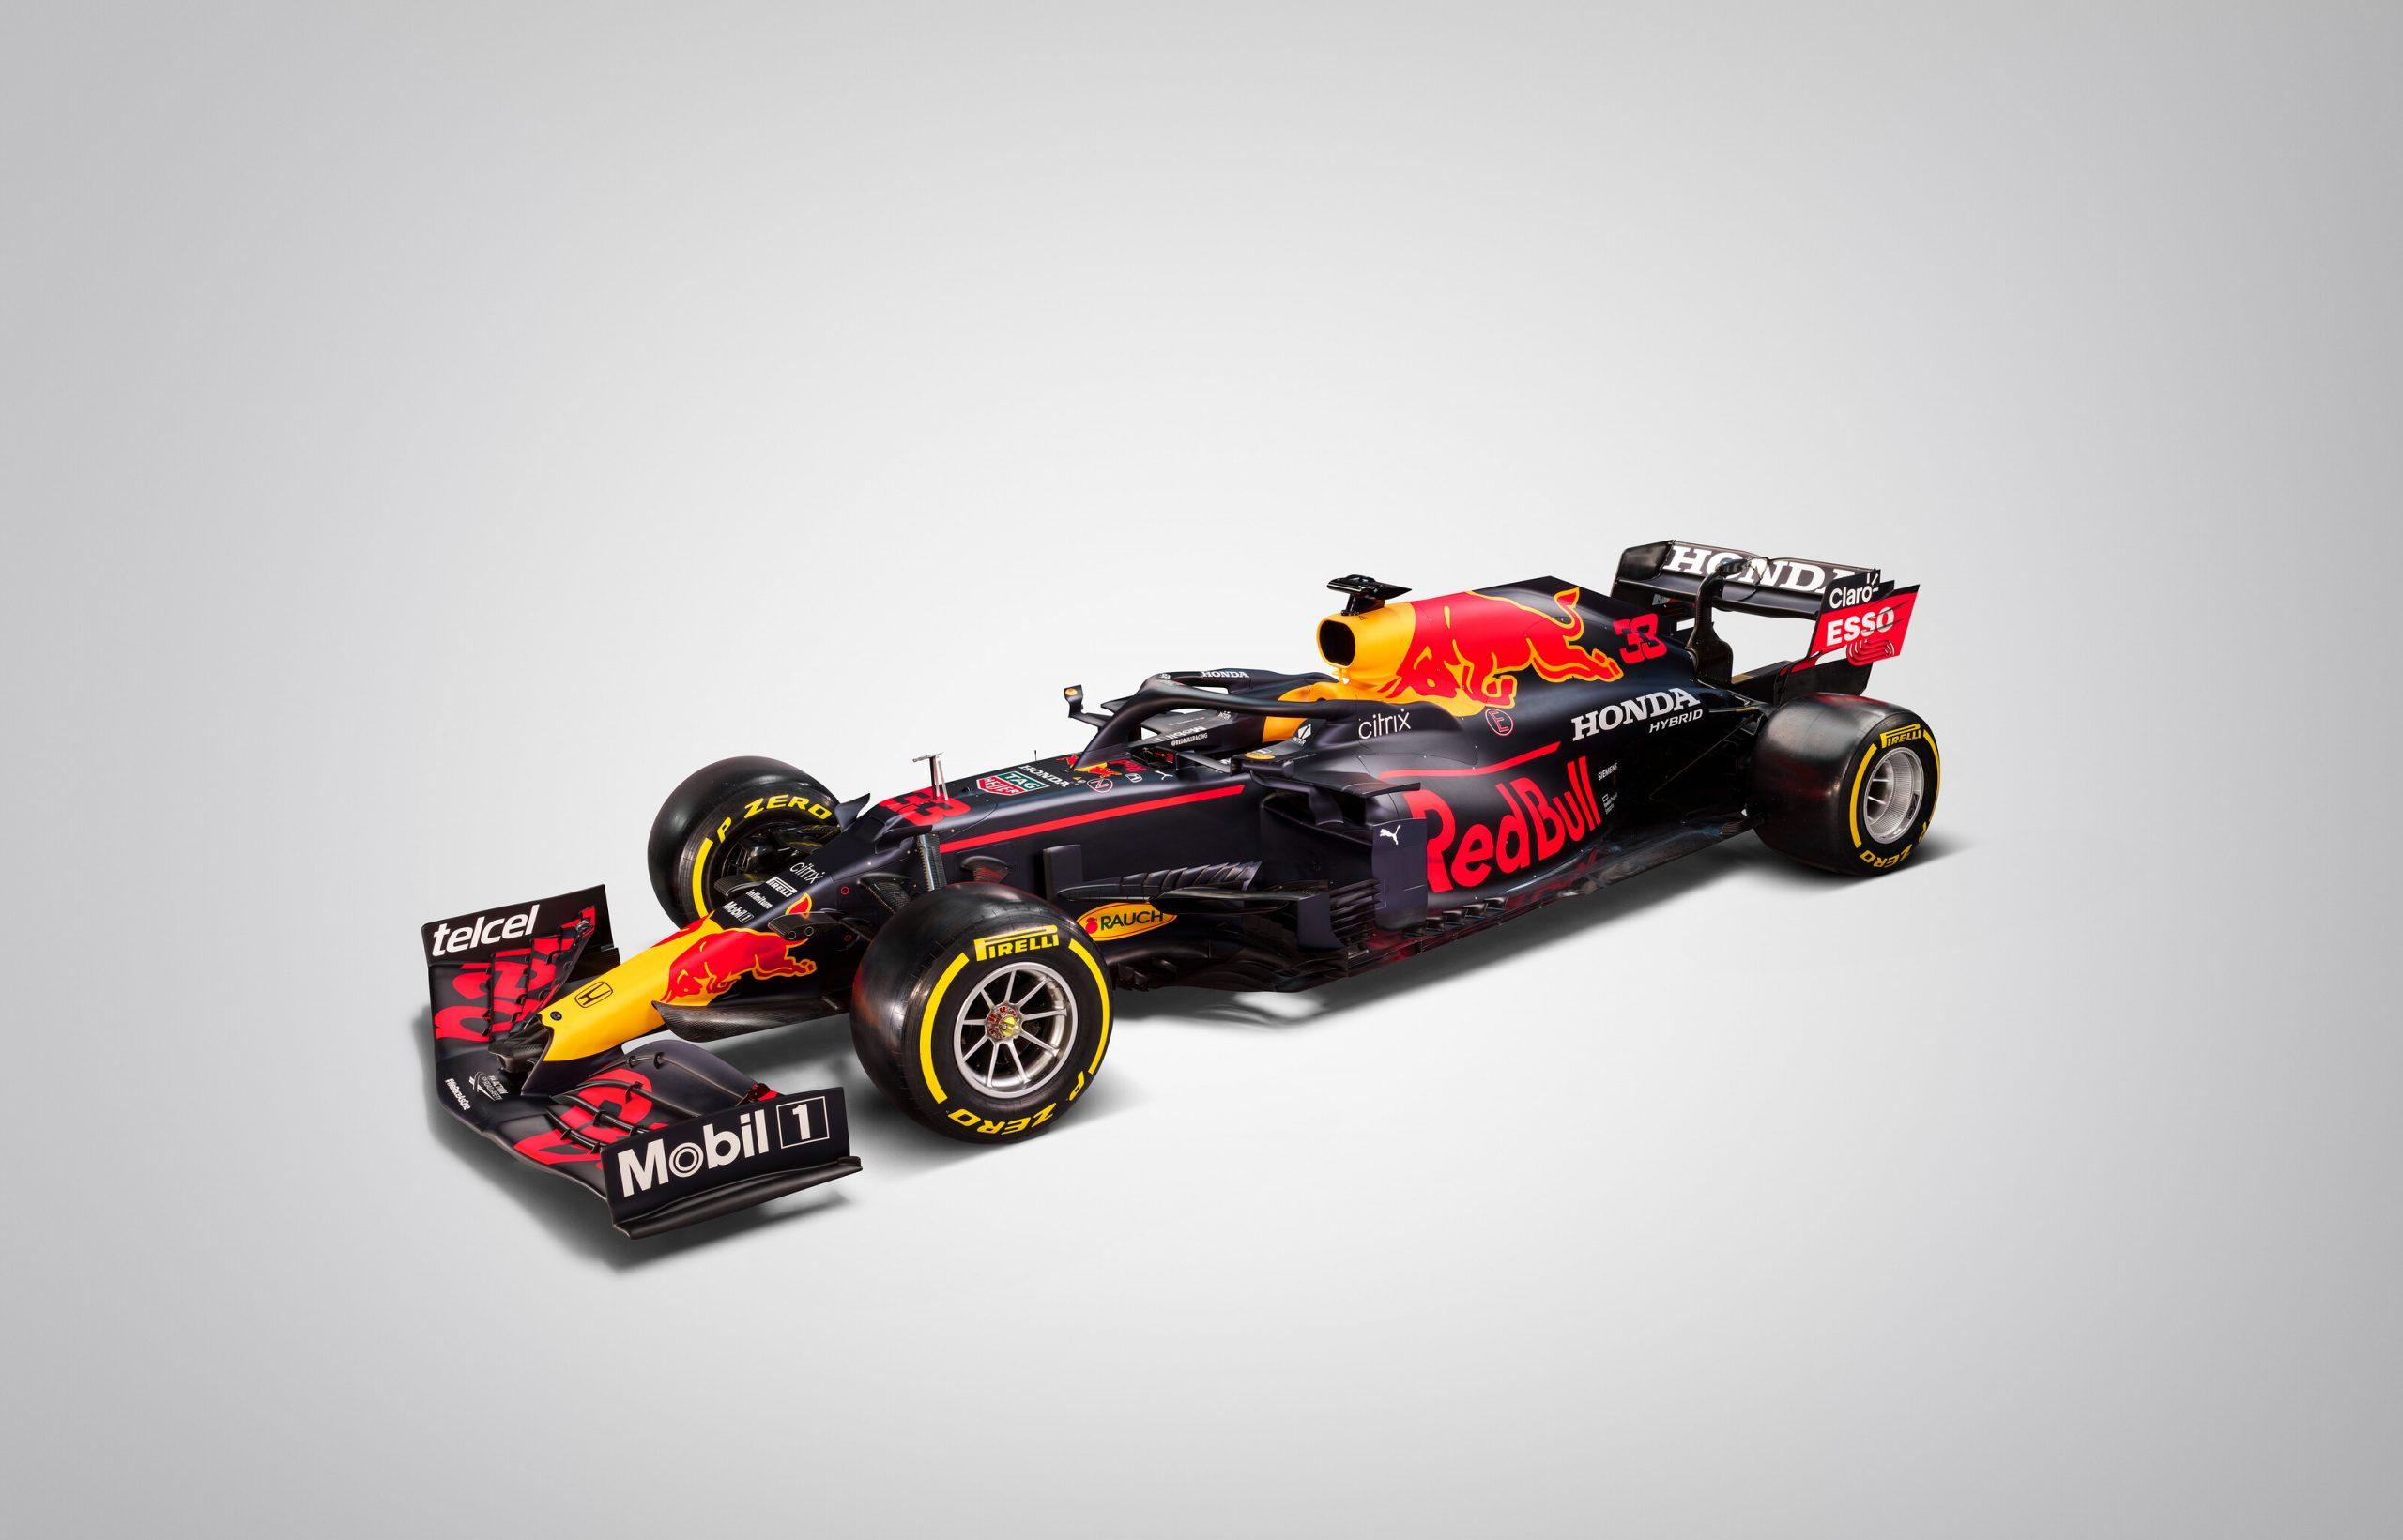 Παρουσιάστηκε η Red Bull Racing RB16B για την σεζόν του 2021 (photos)